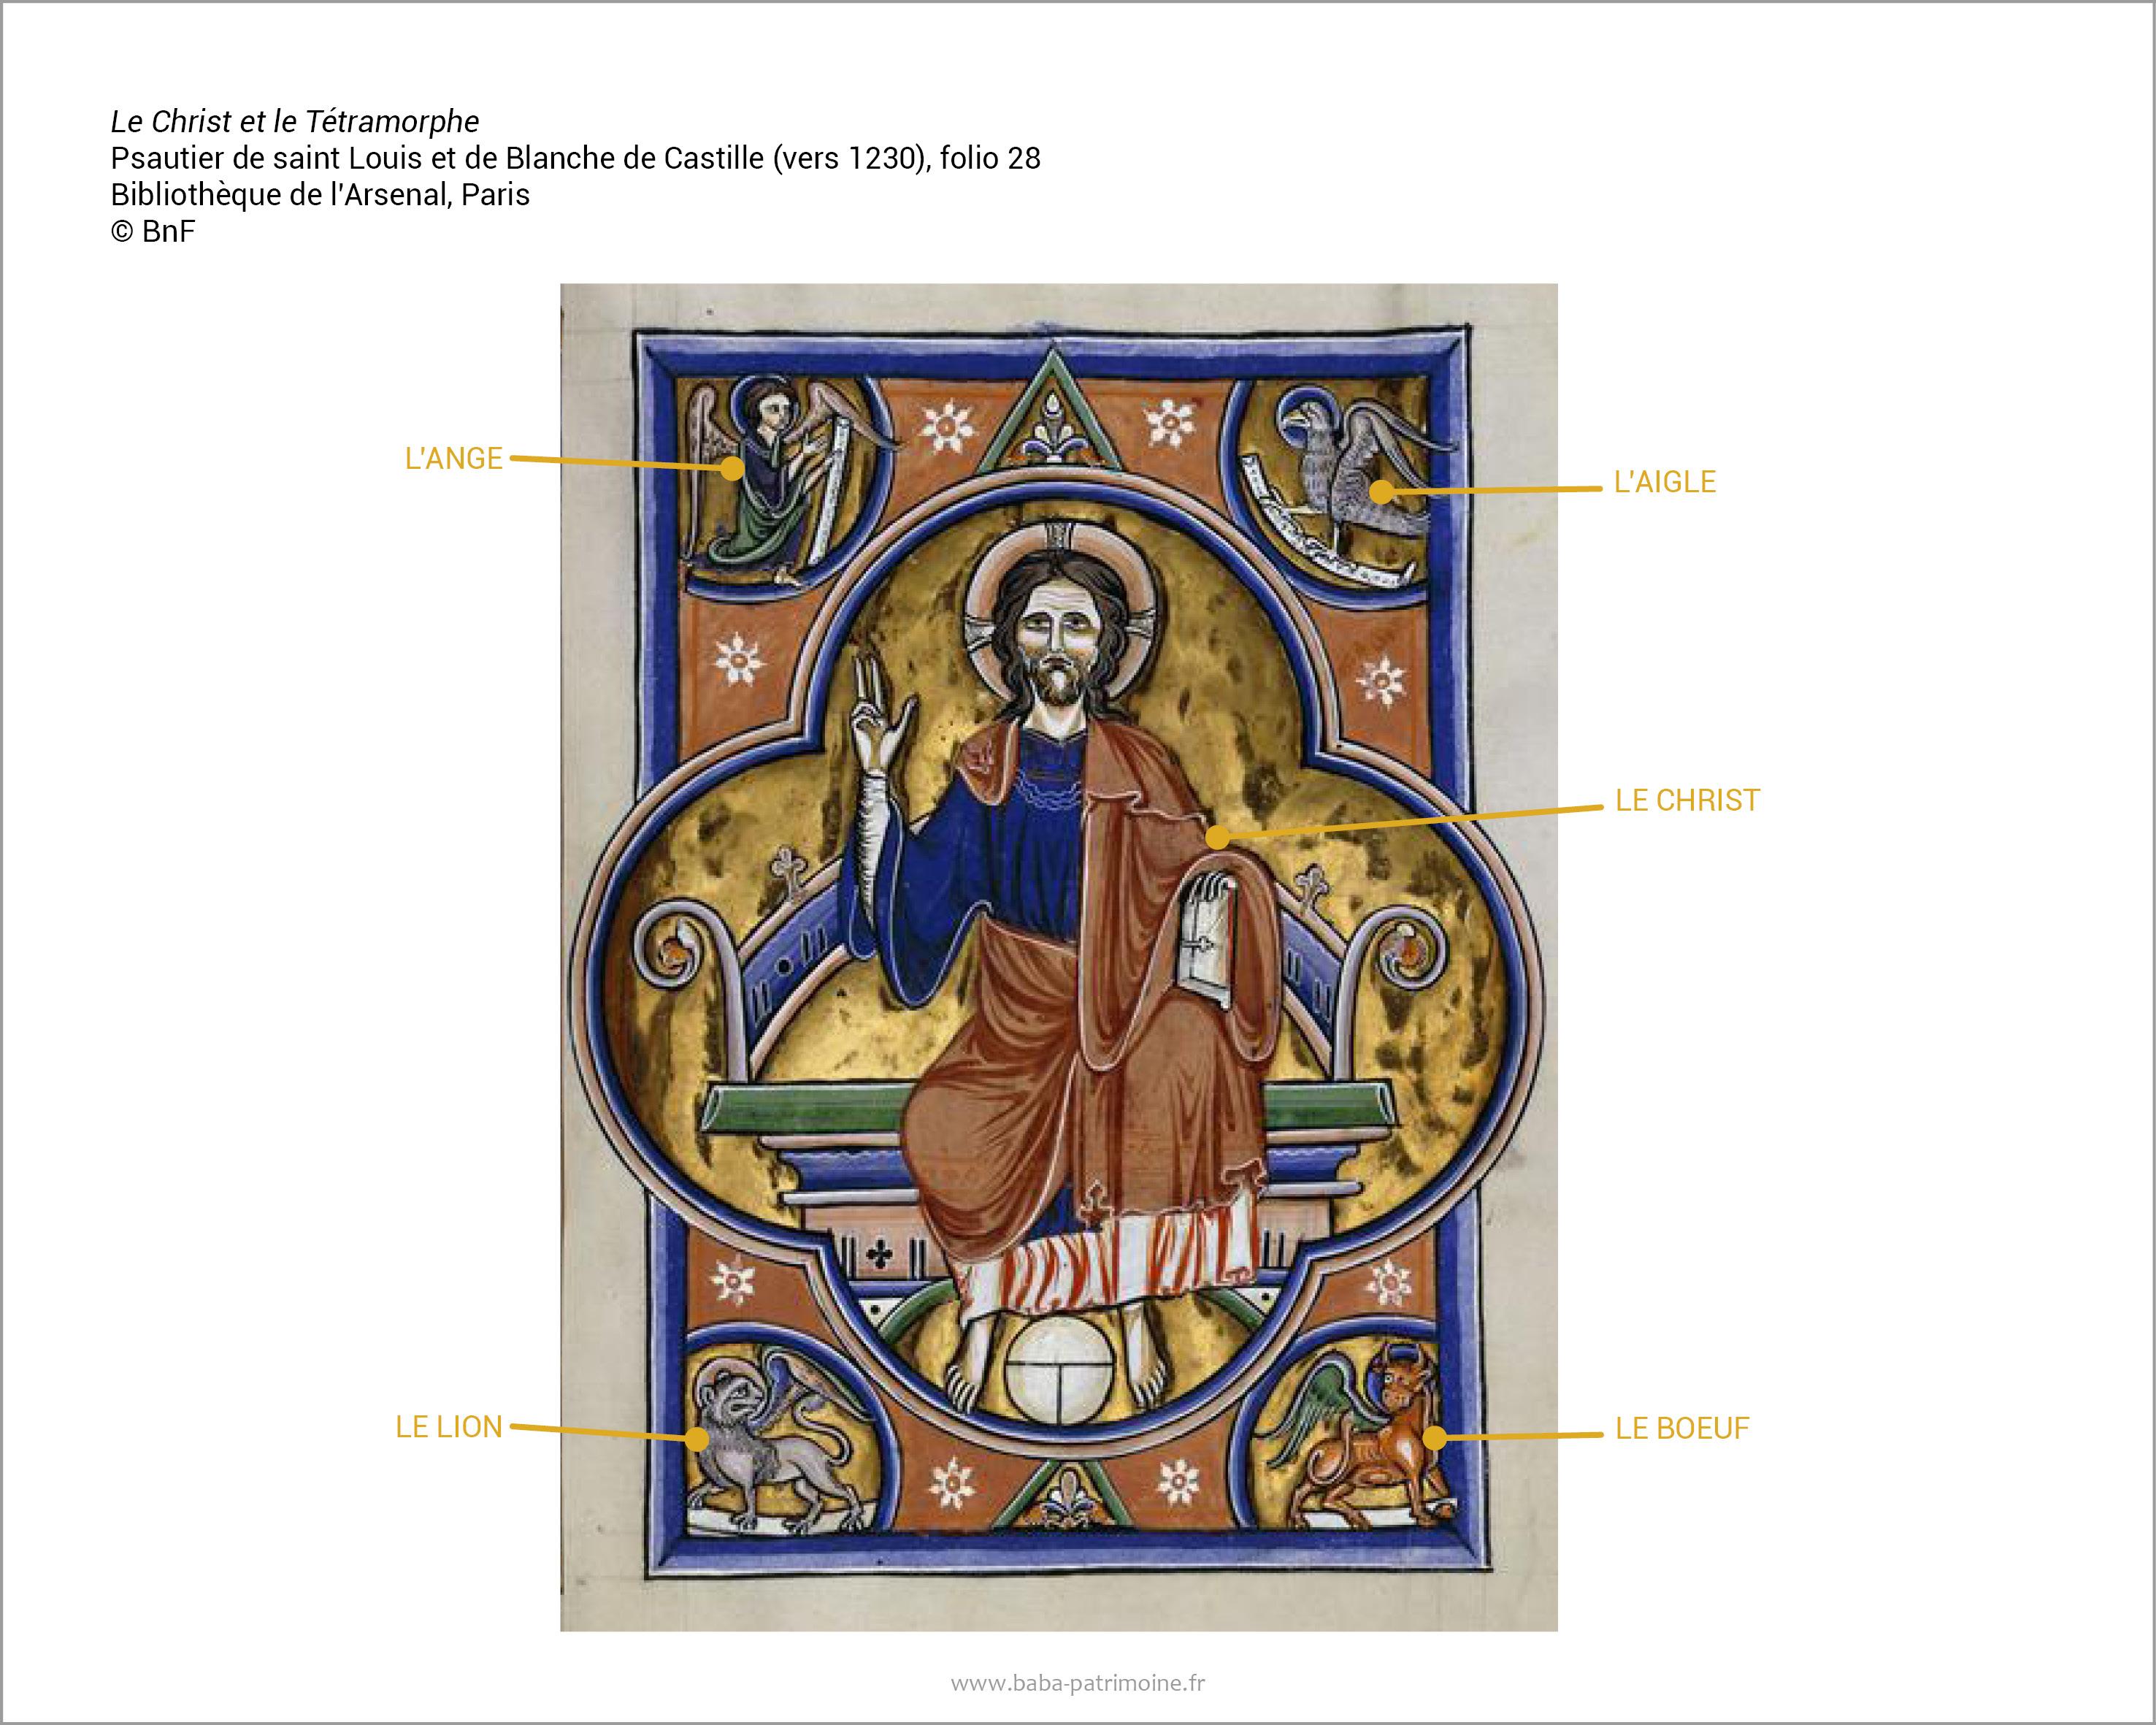 Le Christ en majesté et le Tétramorphe, psautier de saint Louis et de Blanche de Castille (vers 1230), folio 28 Bibliothèque de l'Arsenal, Paris. Copyright BnF.